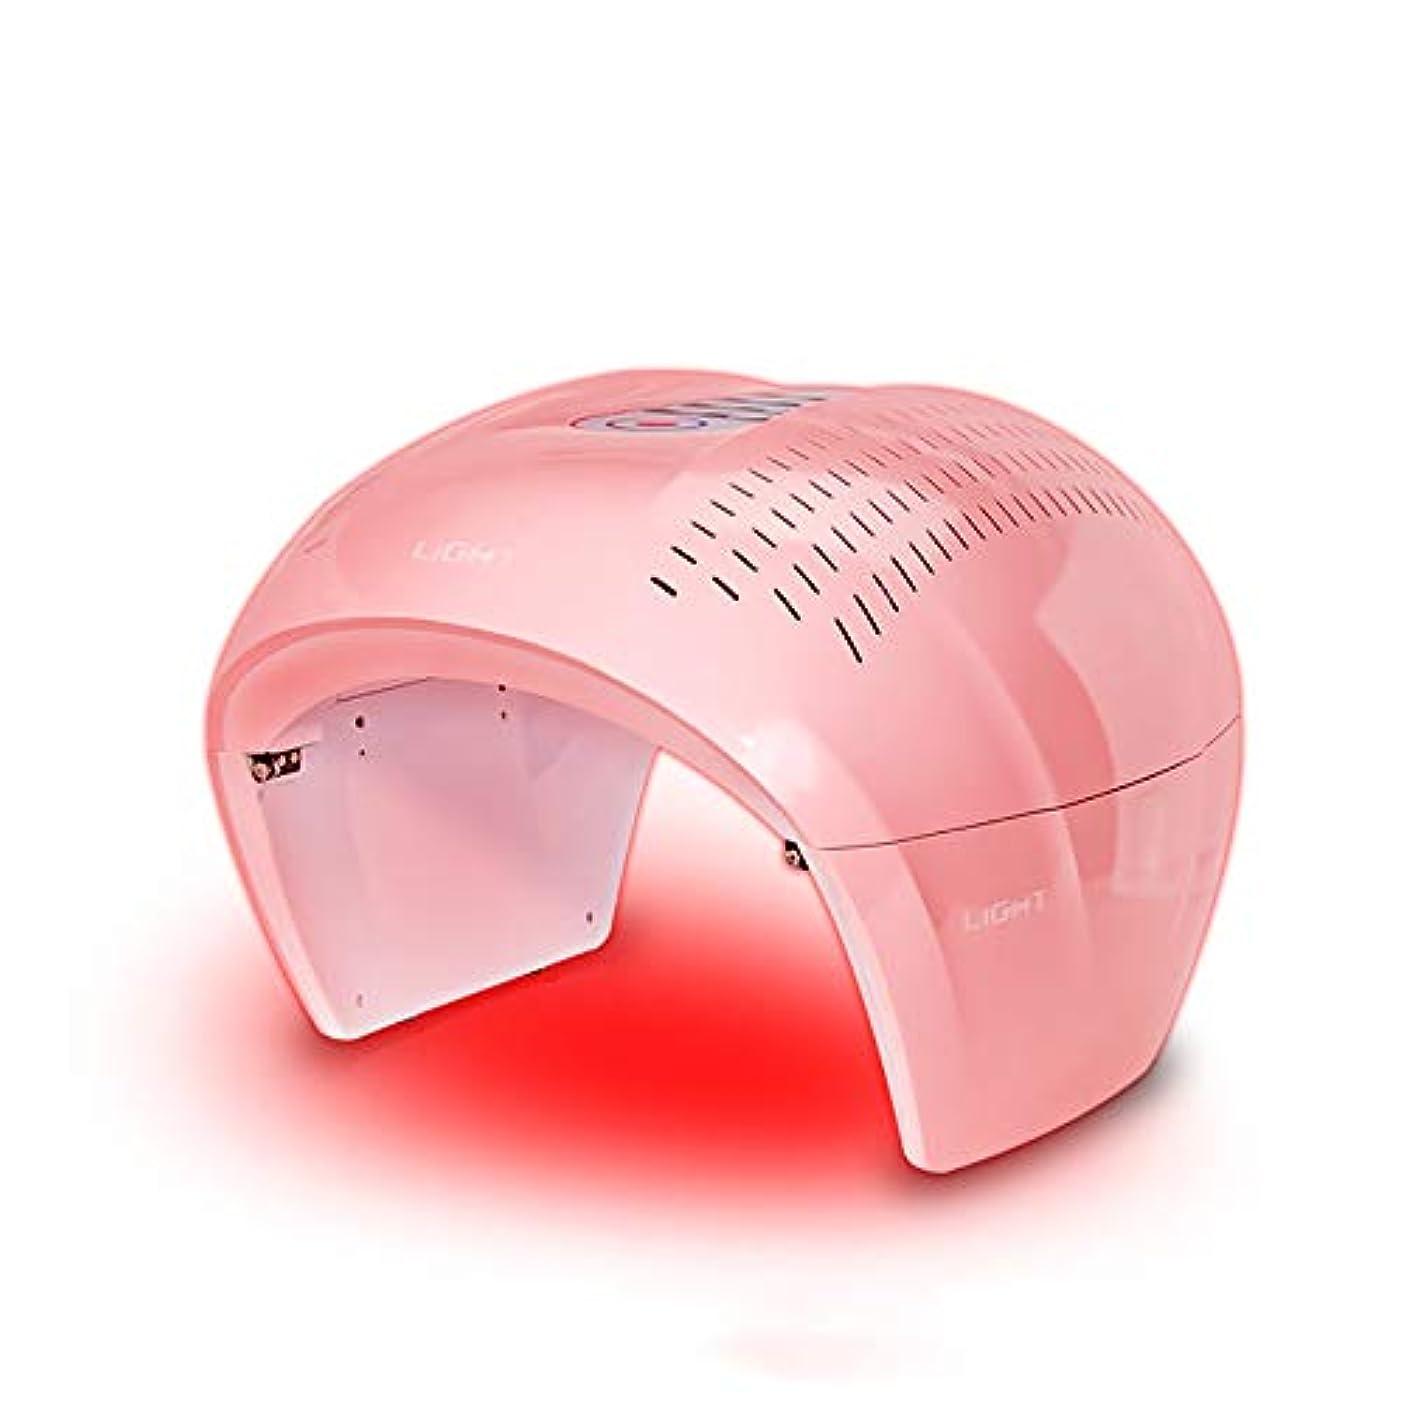 時期尚早納税者巻き取り4色ledフェイシャルマスク療法ライトポータブルフォトンpdtにきび療法しわ除去アンチエイジング肌の若返りスキンケア美容機